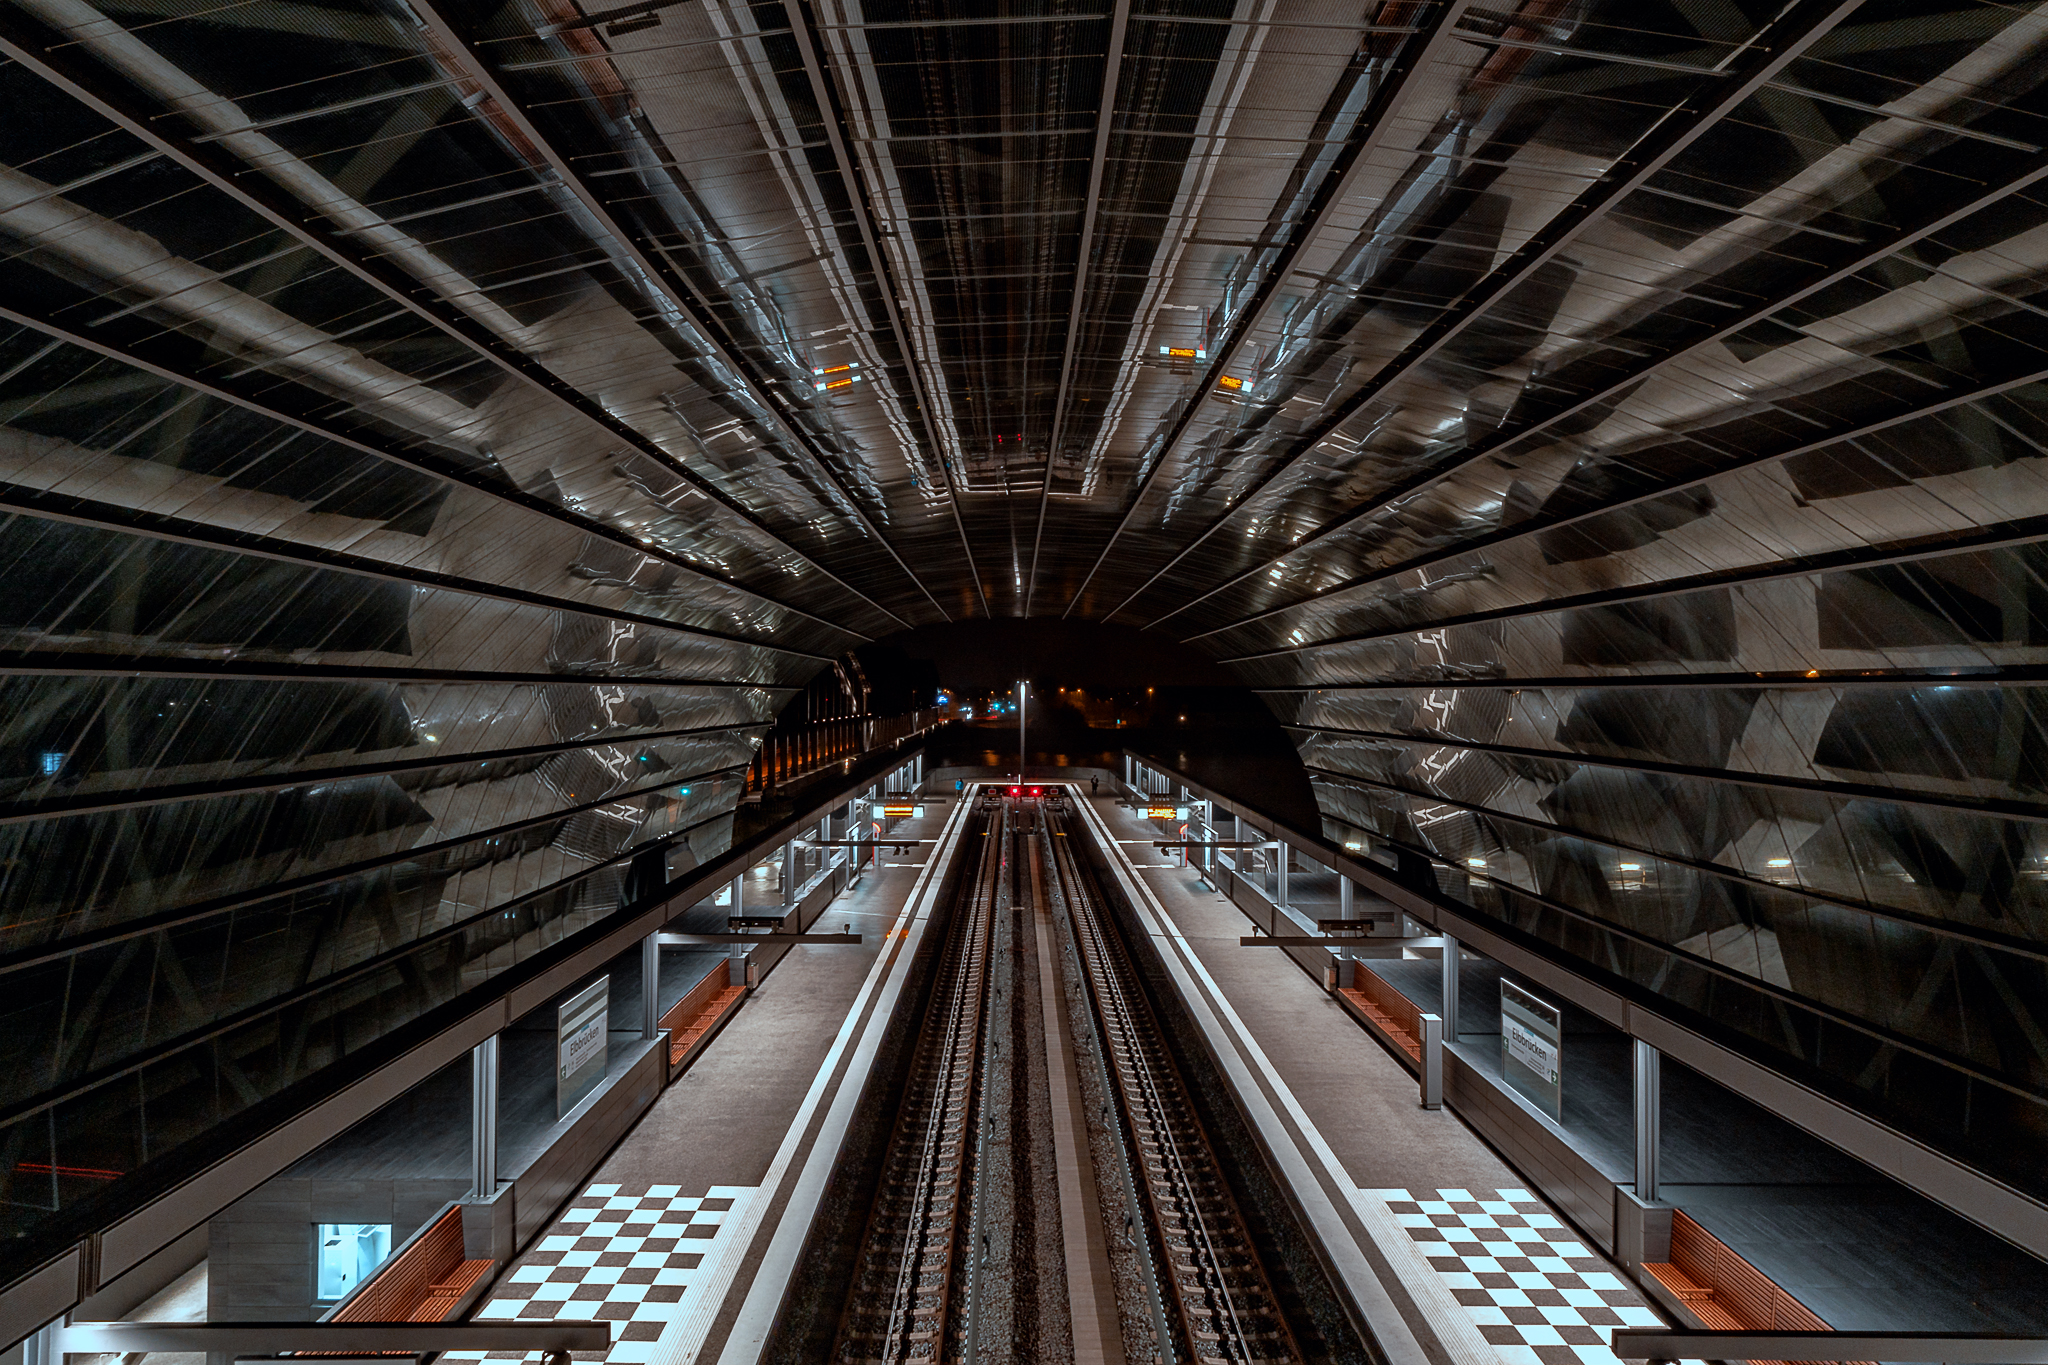 U4 Station Elbbrücken Hamburg - Hafen City, Germany